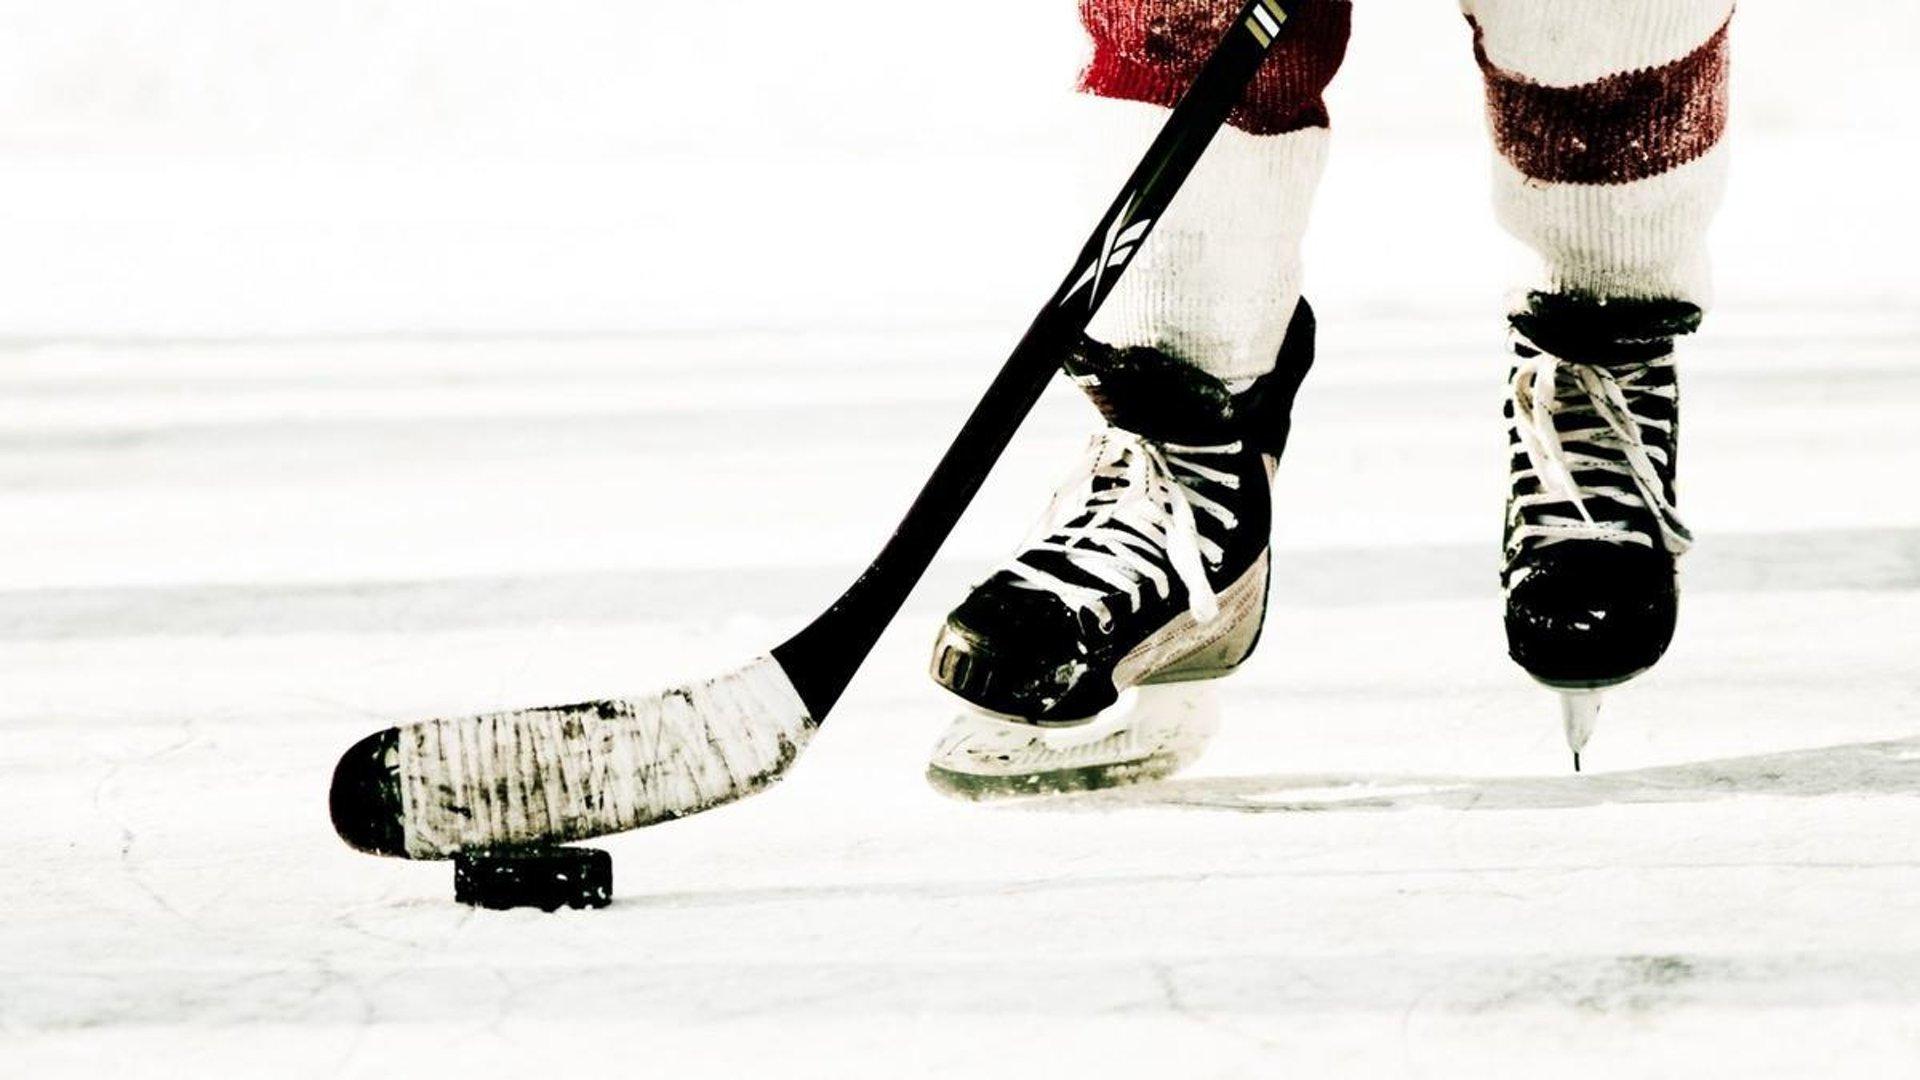 Идём на экскурсию в Музей хоккея. Кто с нами?